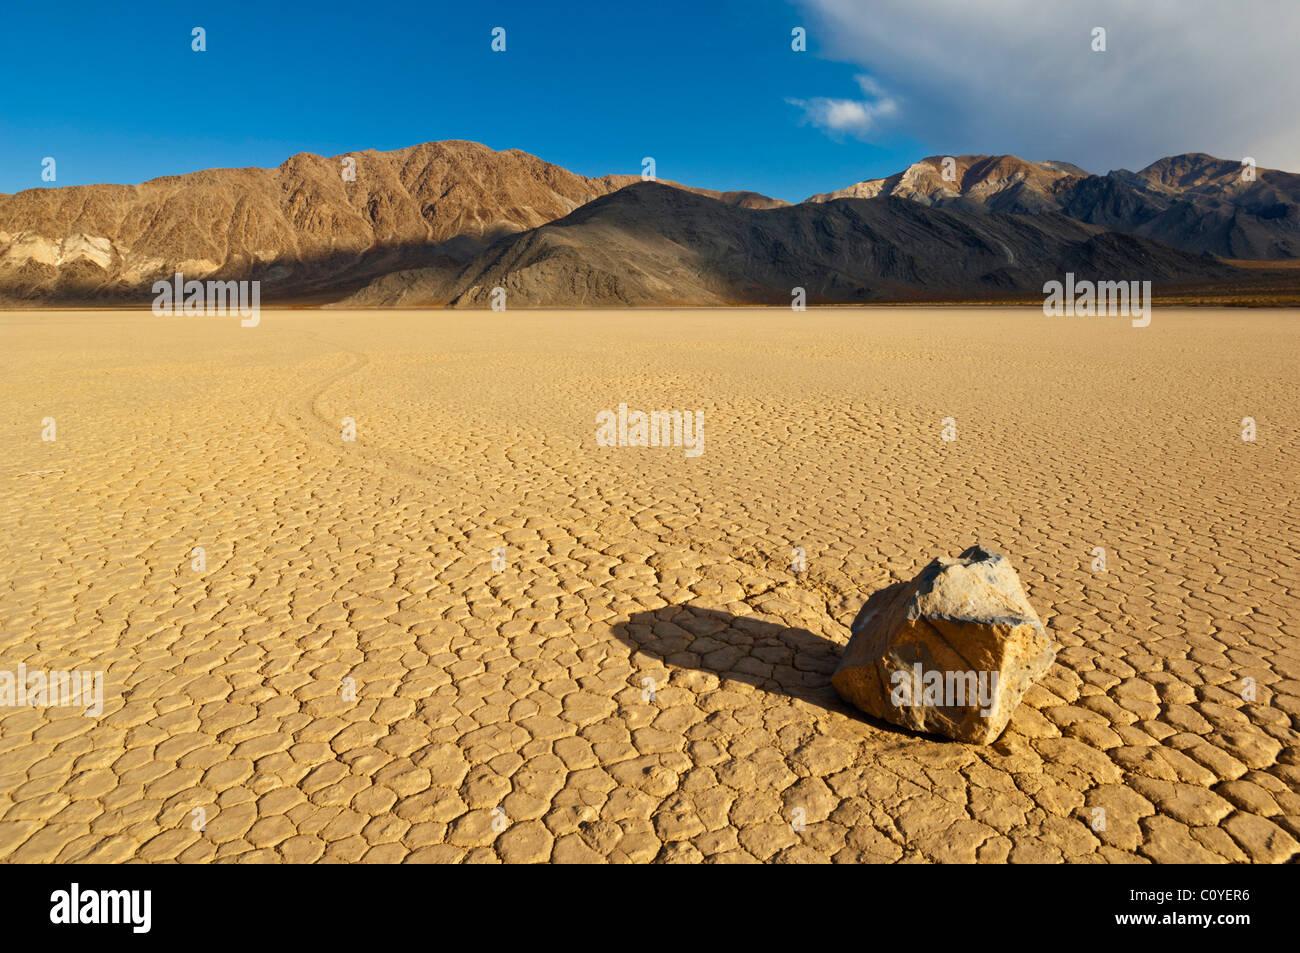 Die Tribüne im Racetrack-Tal, bekannt für seine schlittert Felsen auf dem Racetrack Playa Death Valley Stockbild